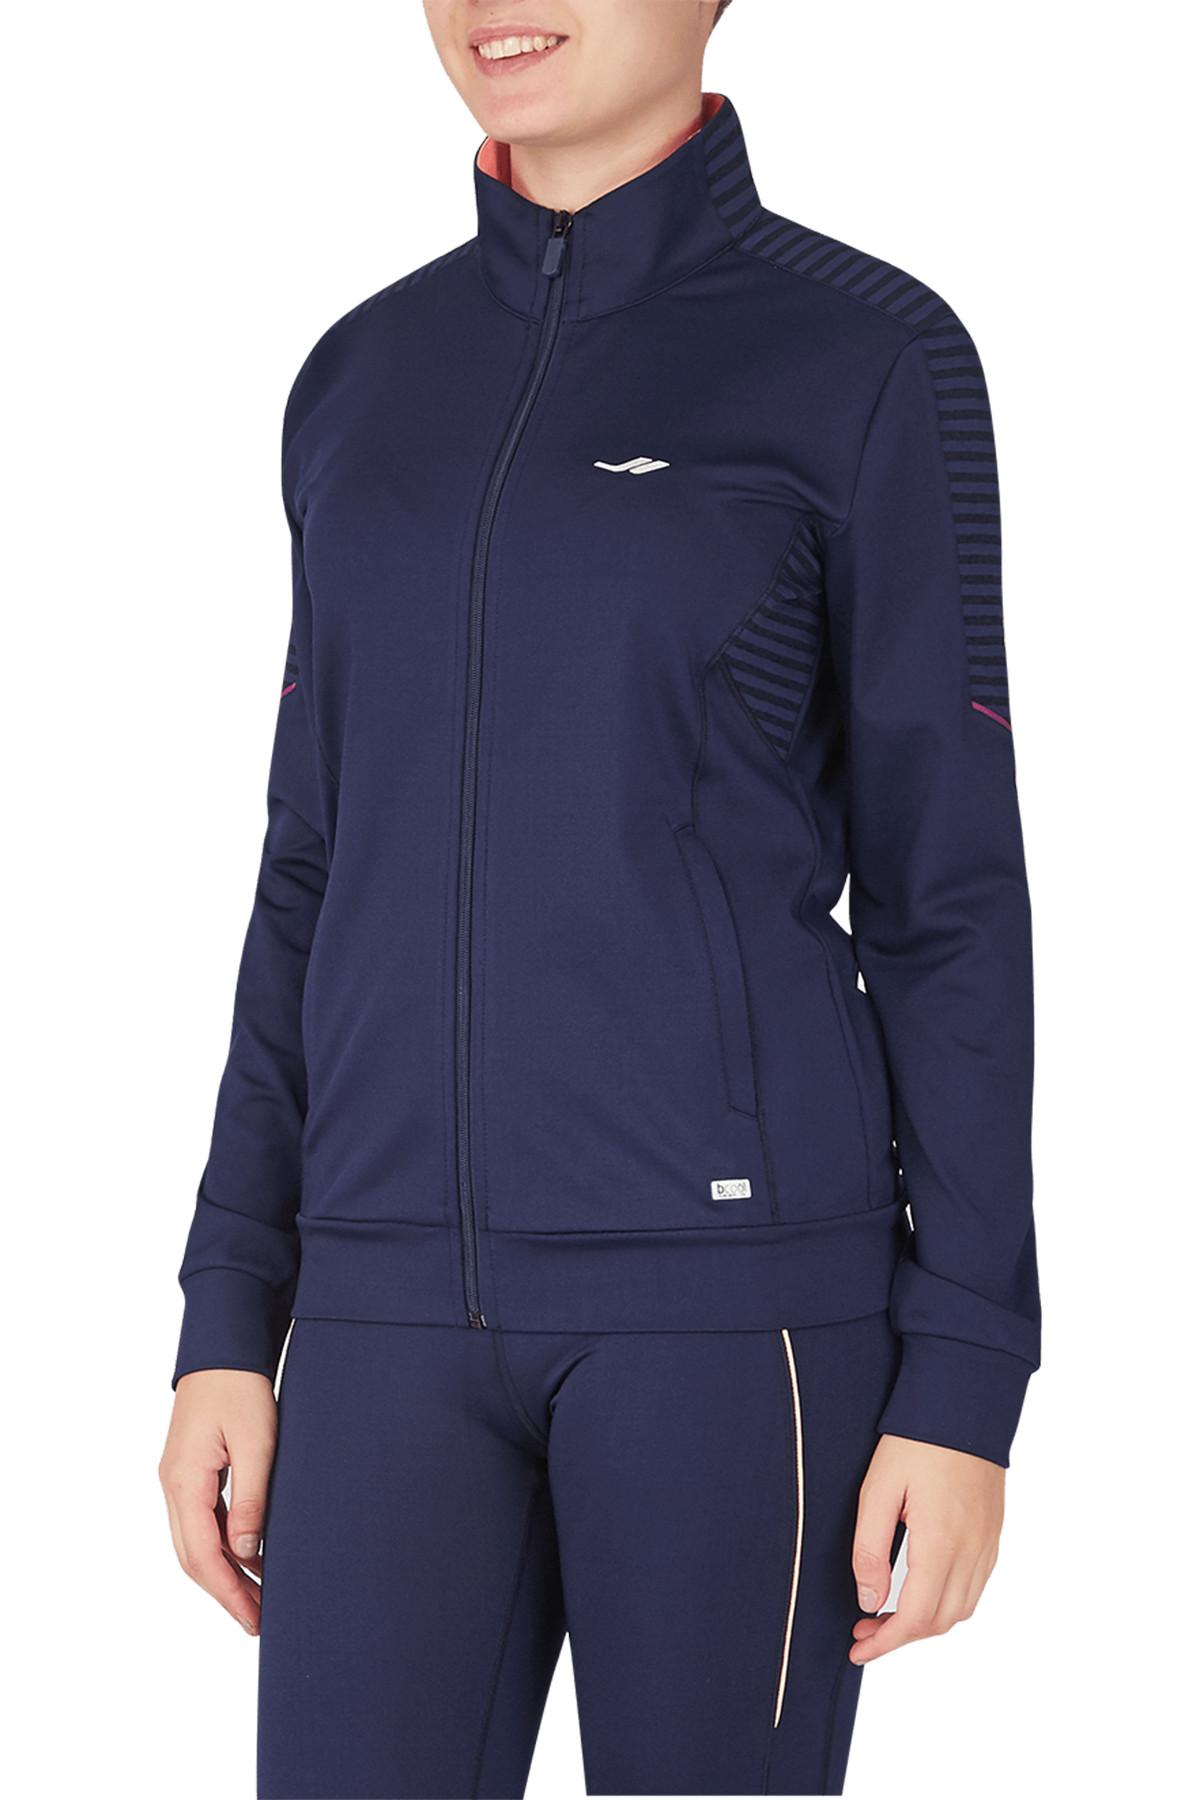 Lescon Kadın Sweatshirt - 17YTBP002035 1